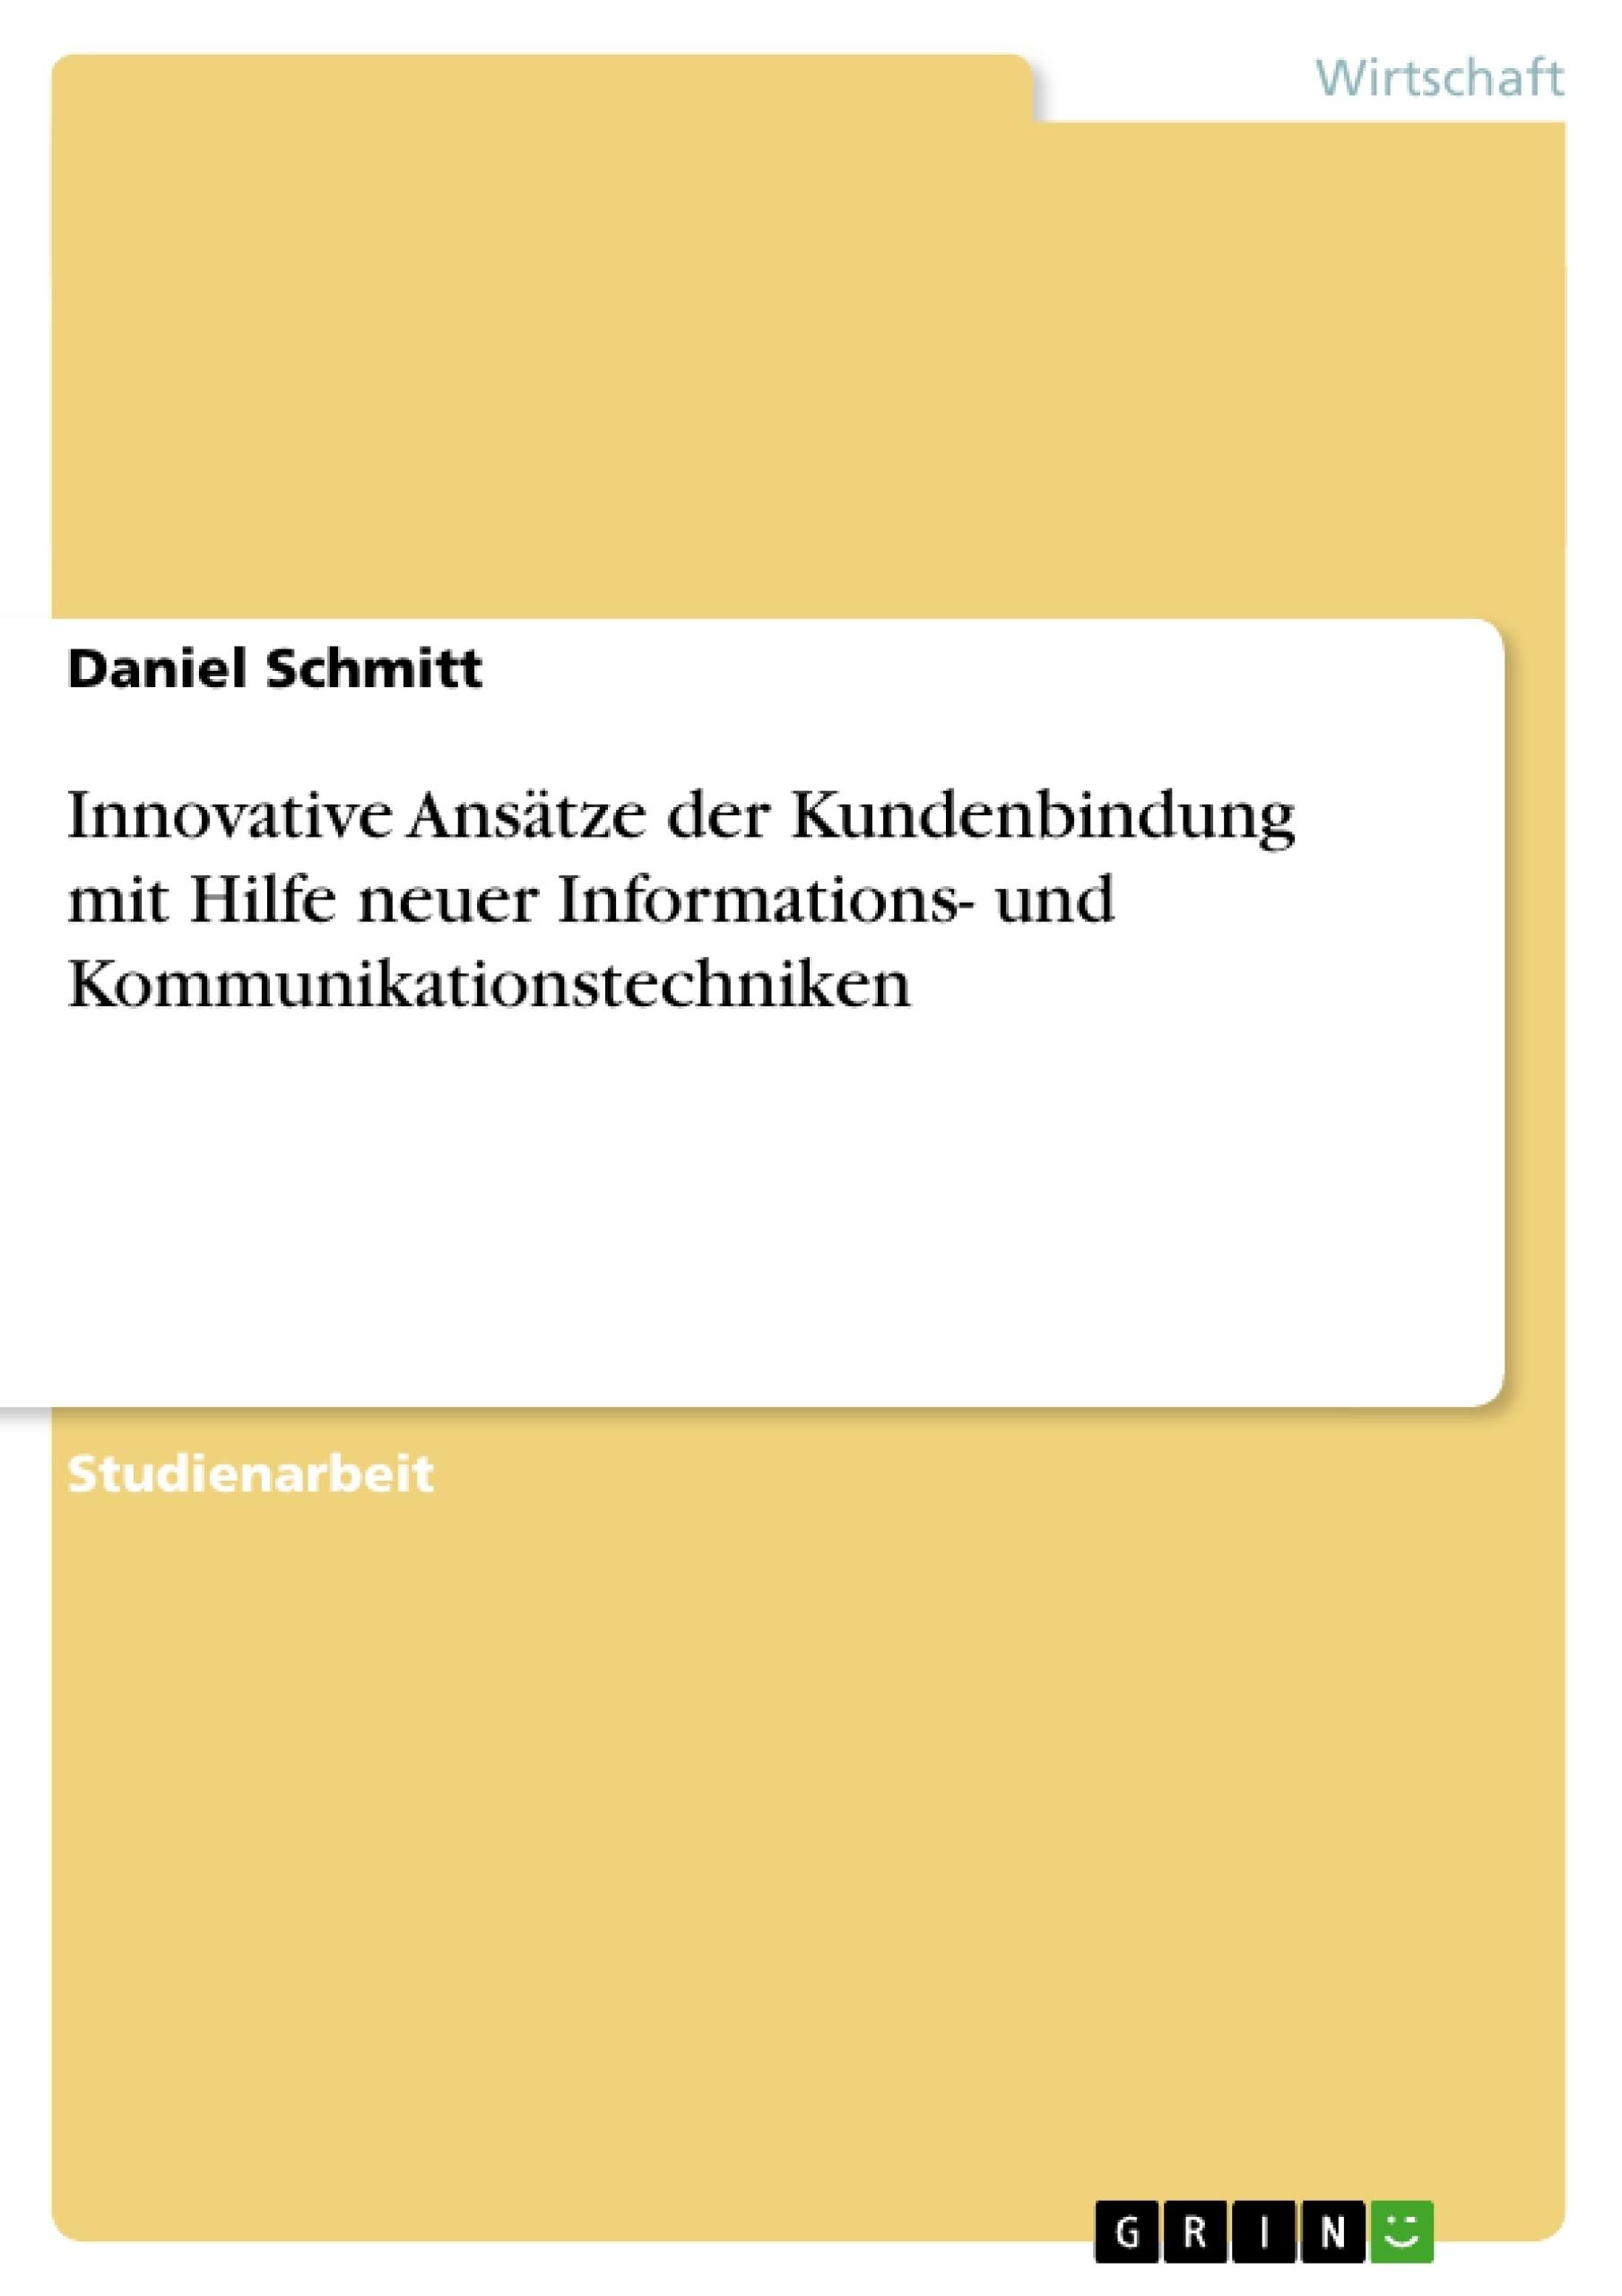 Titel: Innovative Ansätze der Kundenbindung mit Hilfe neuer Informations- und Kommunikationstechniken